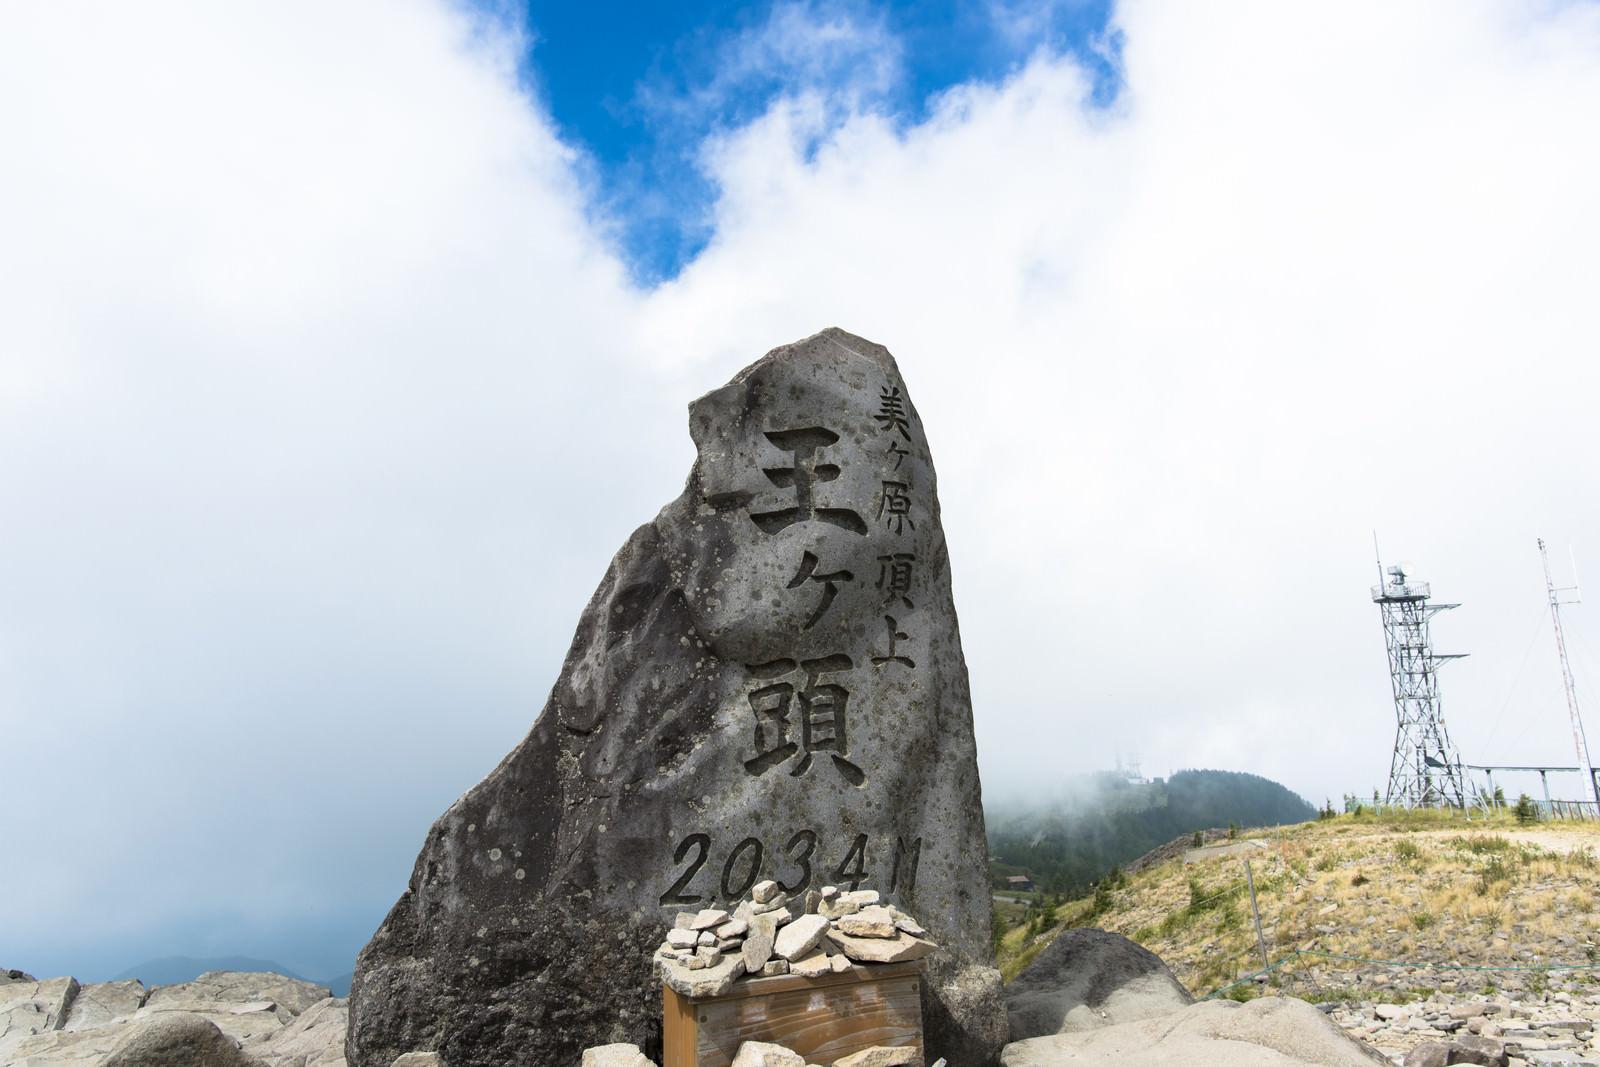 「雲に包まれた美ヶ原山頂」の写真